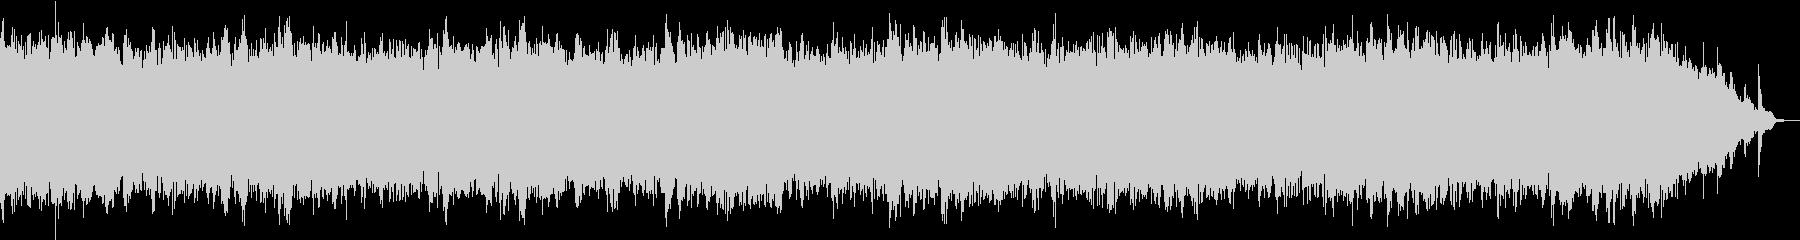 良く眠れる528Hzの音楽の未再生の波形